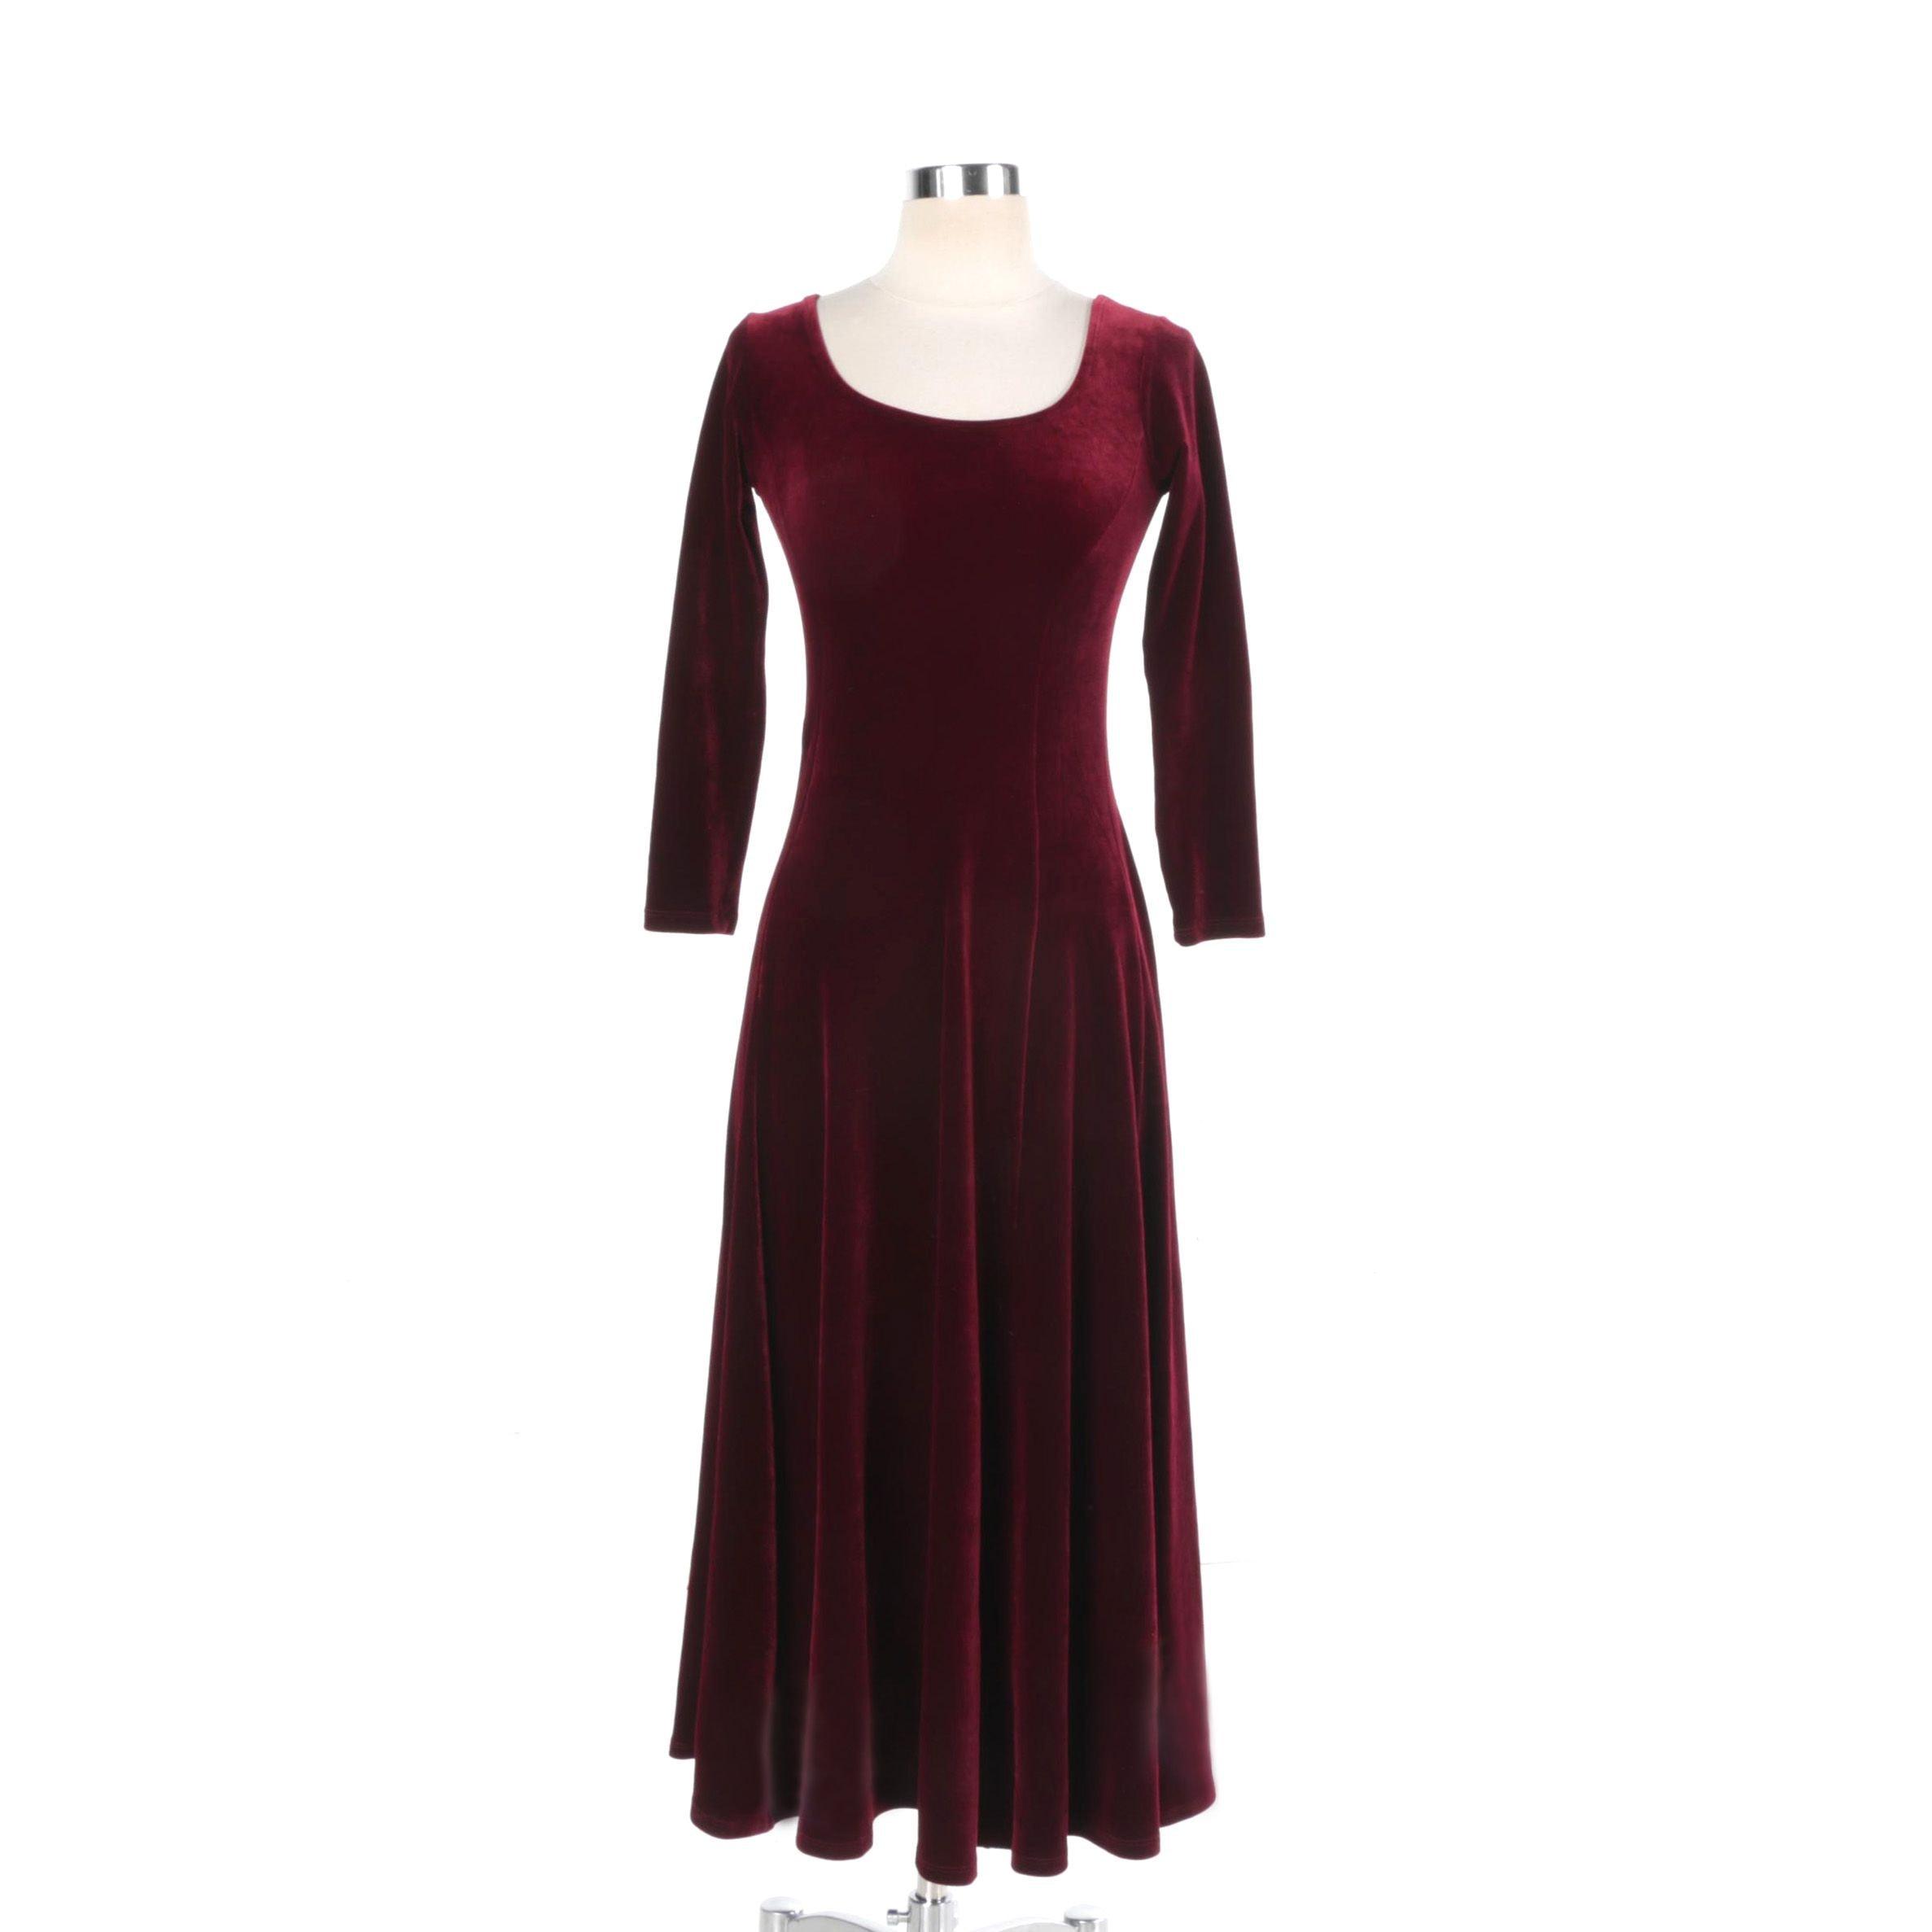 Burgundy Velvet Long Sleeve Dress